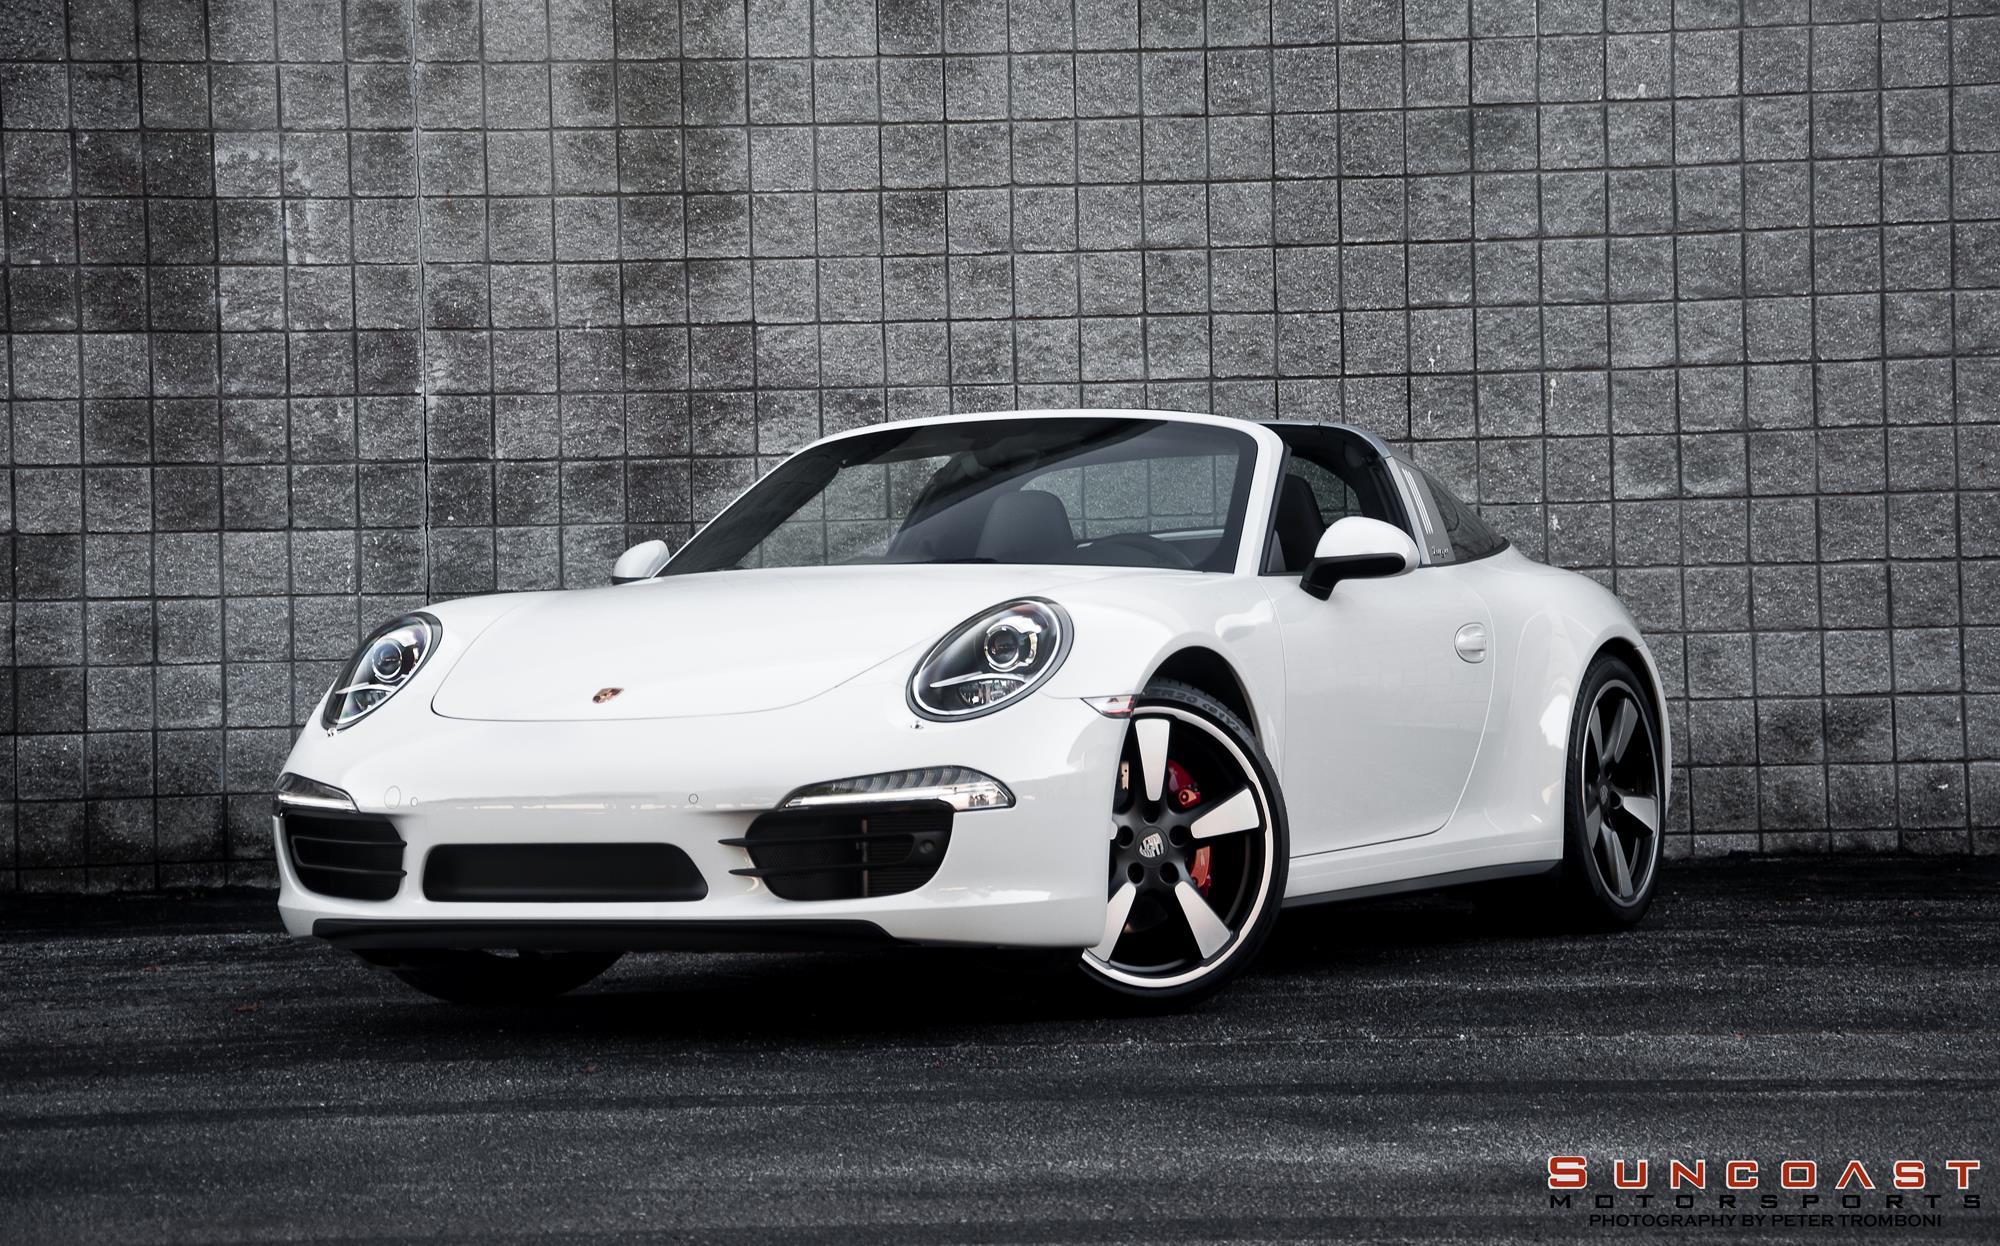 2015 porsche 911 targa has the right stuff autoevolution - 911 Porsche 2015 White